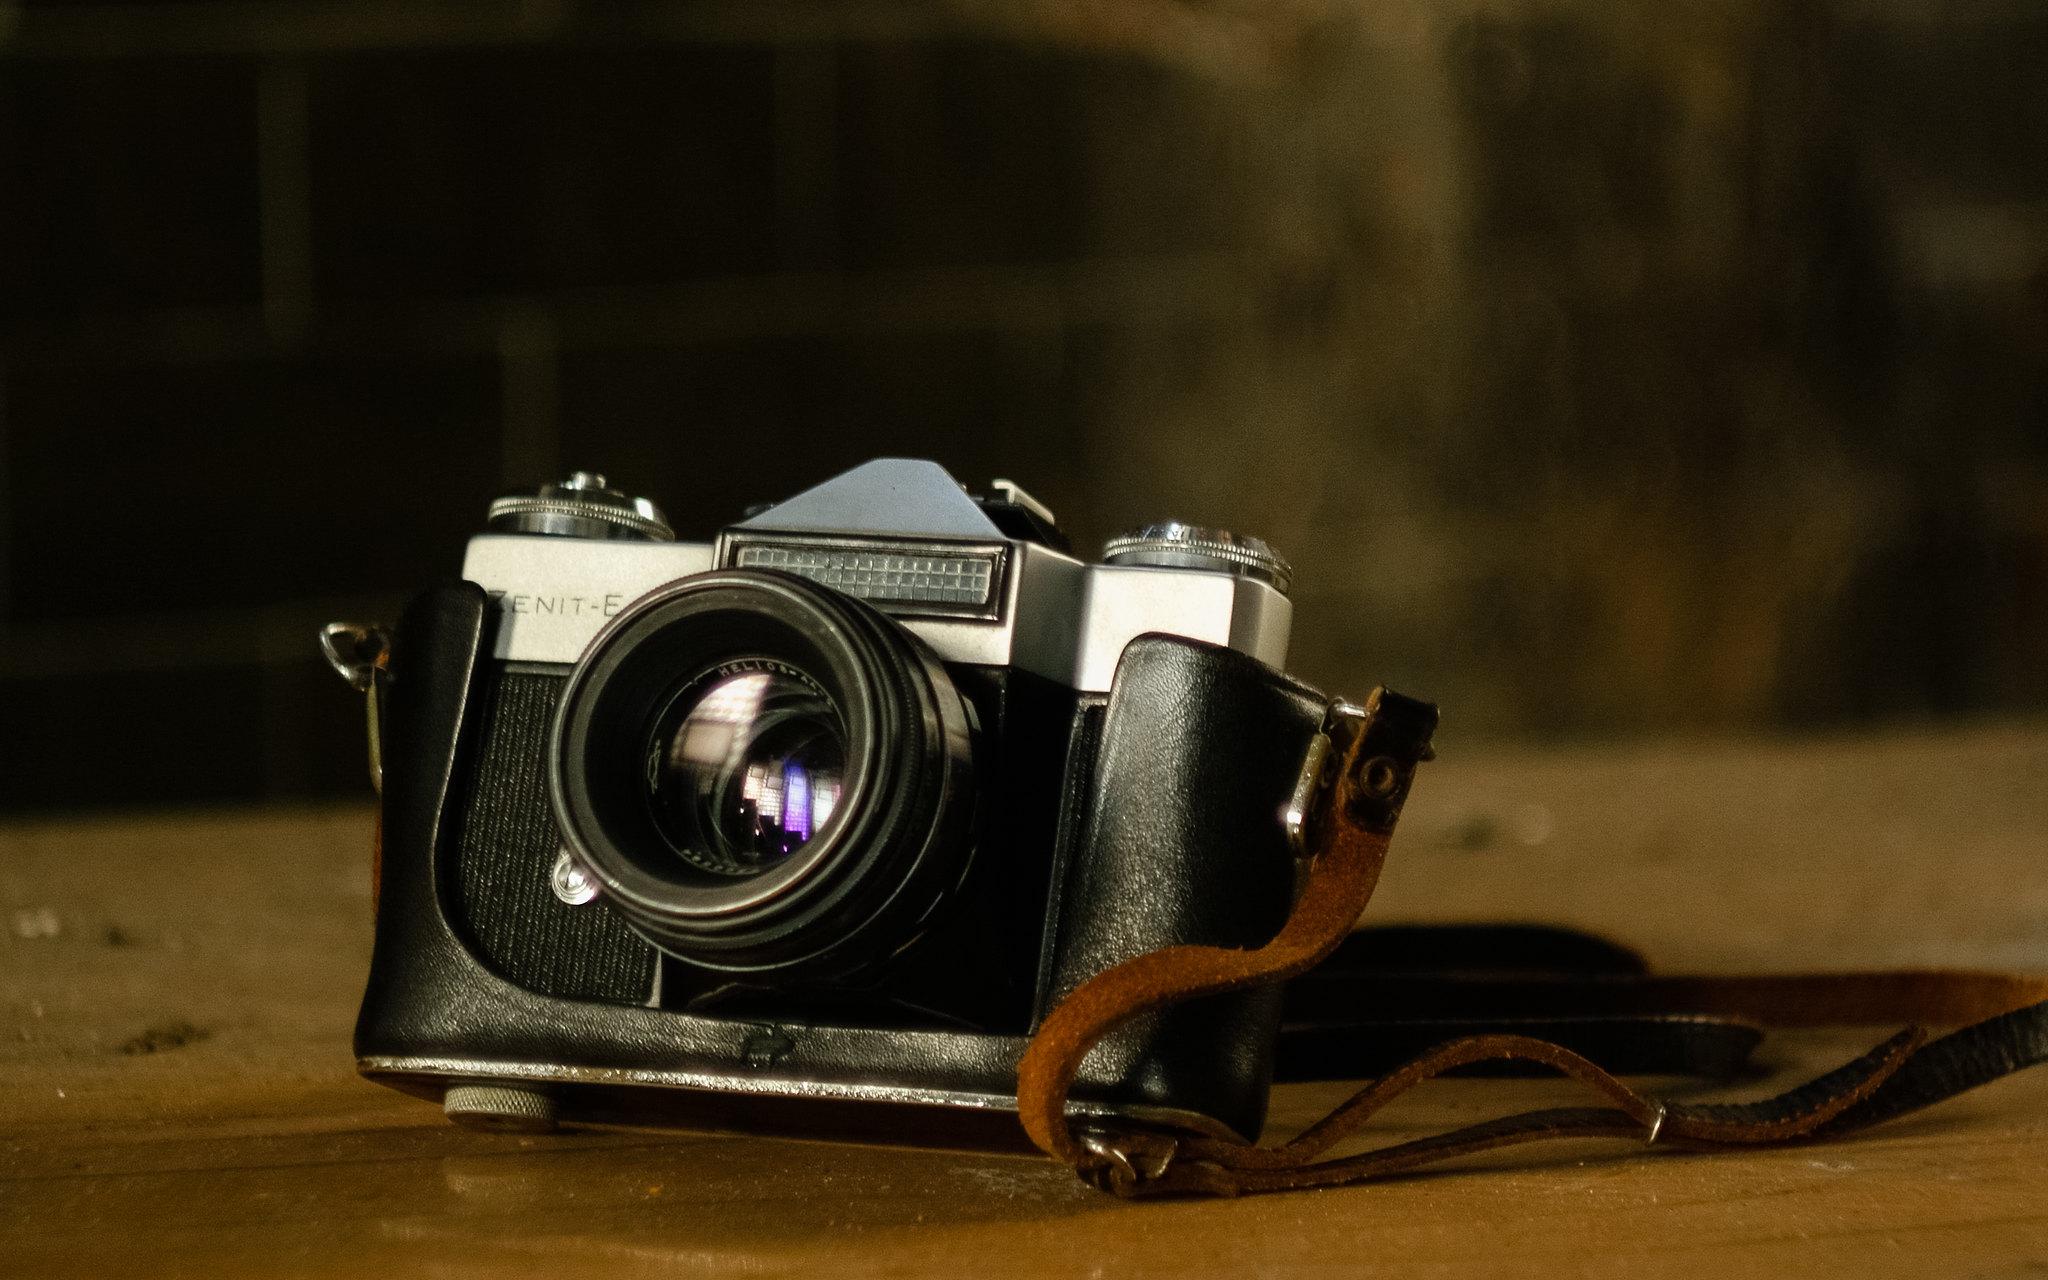 Zenit-E (Pic: Martin Dvoracek/Flickr)